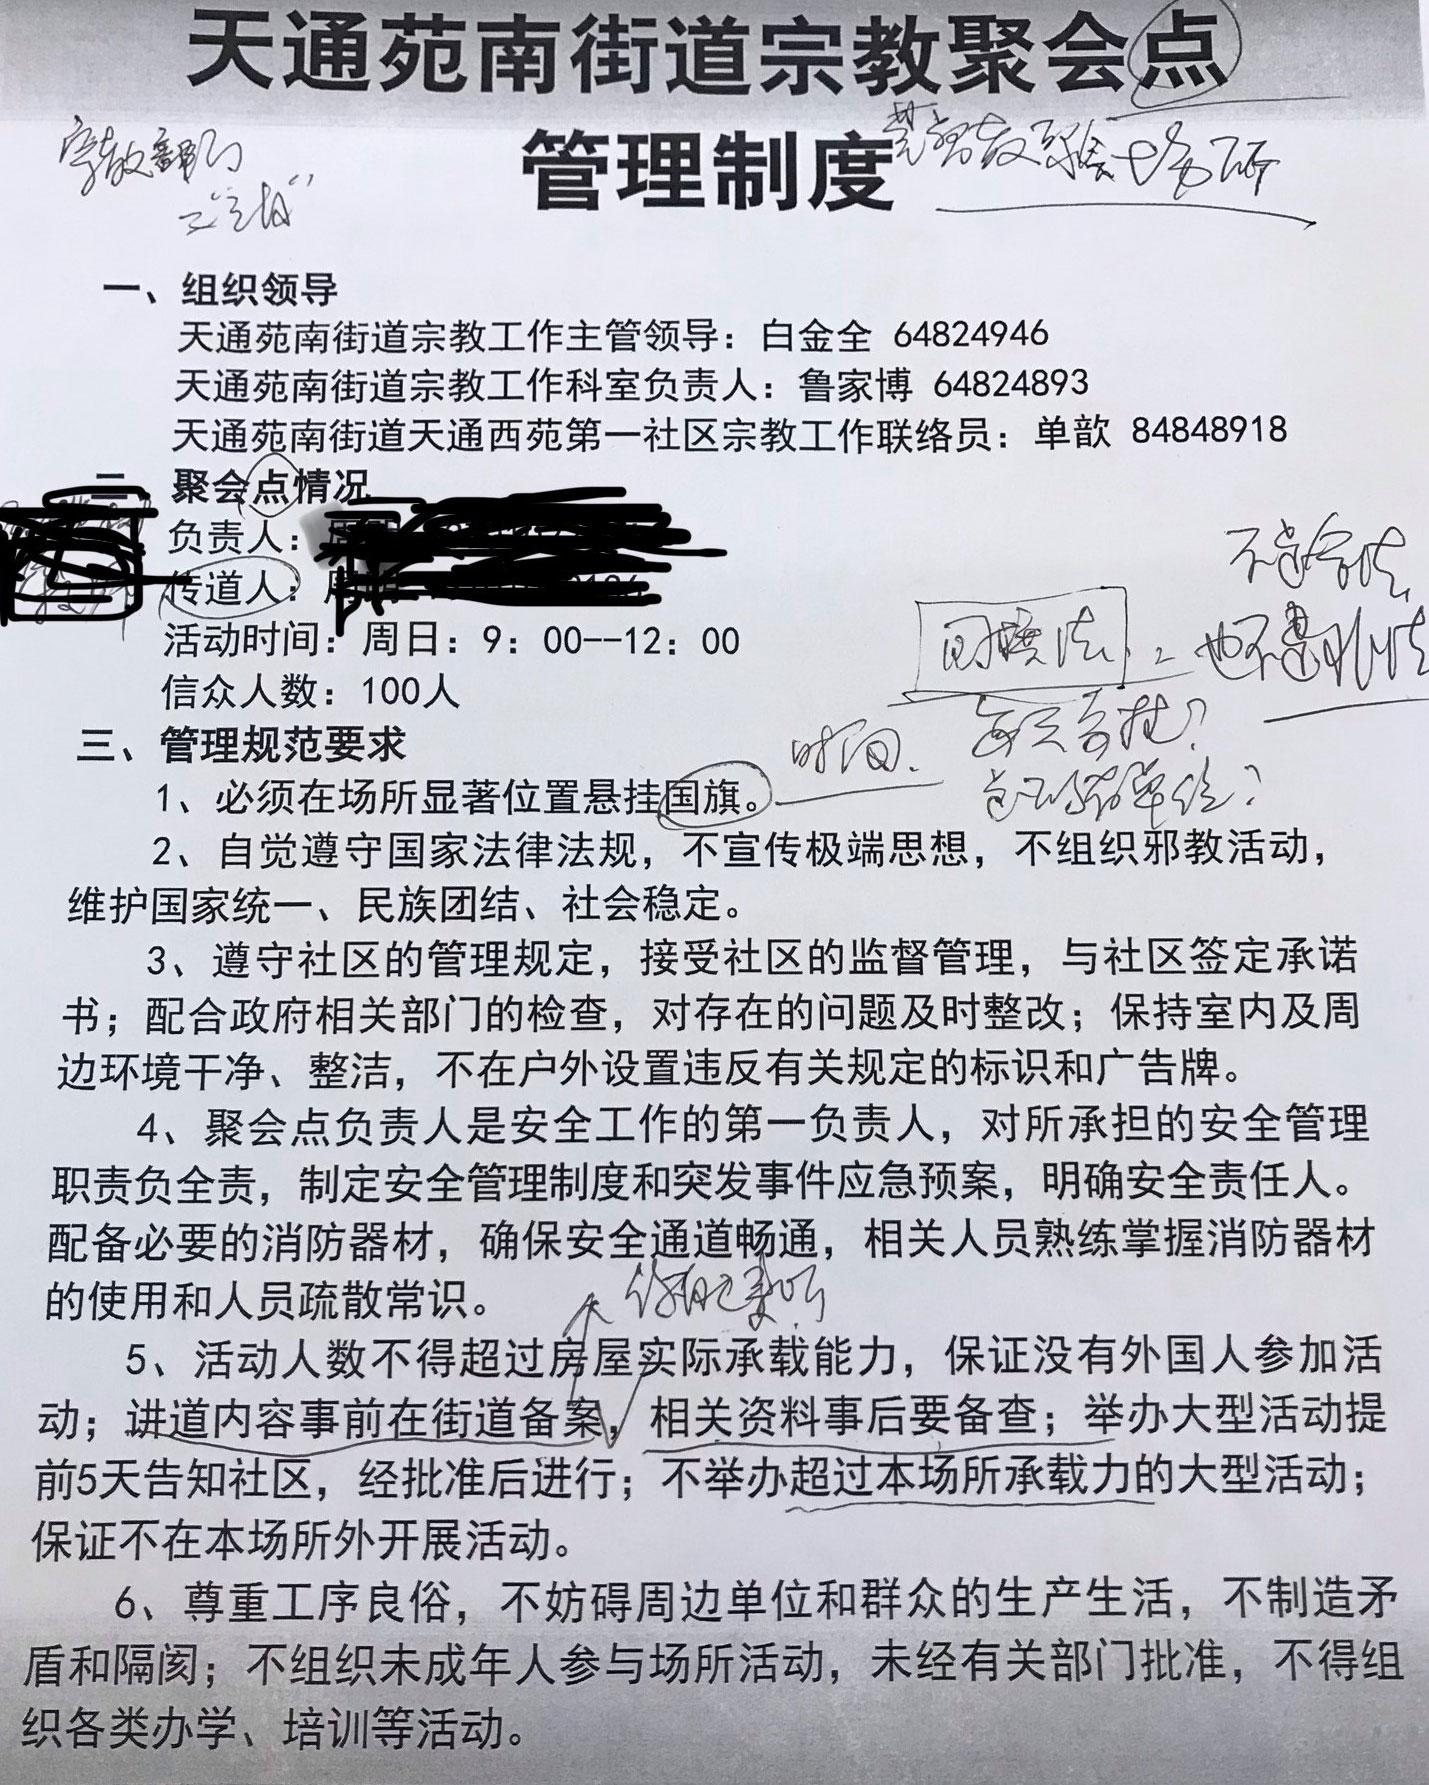 北京天通苑街道办宗教聚会点管制制度。(志愿者提供/记者乔龙)